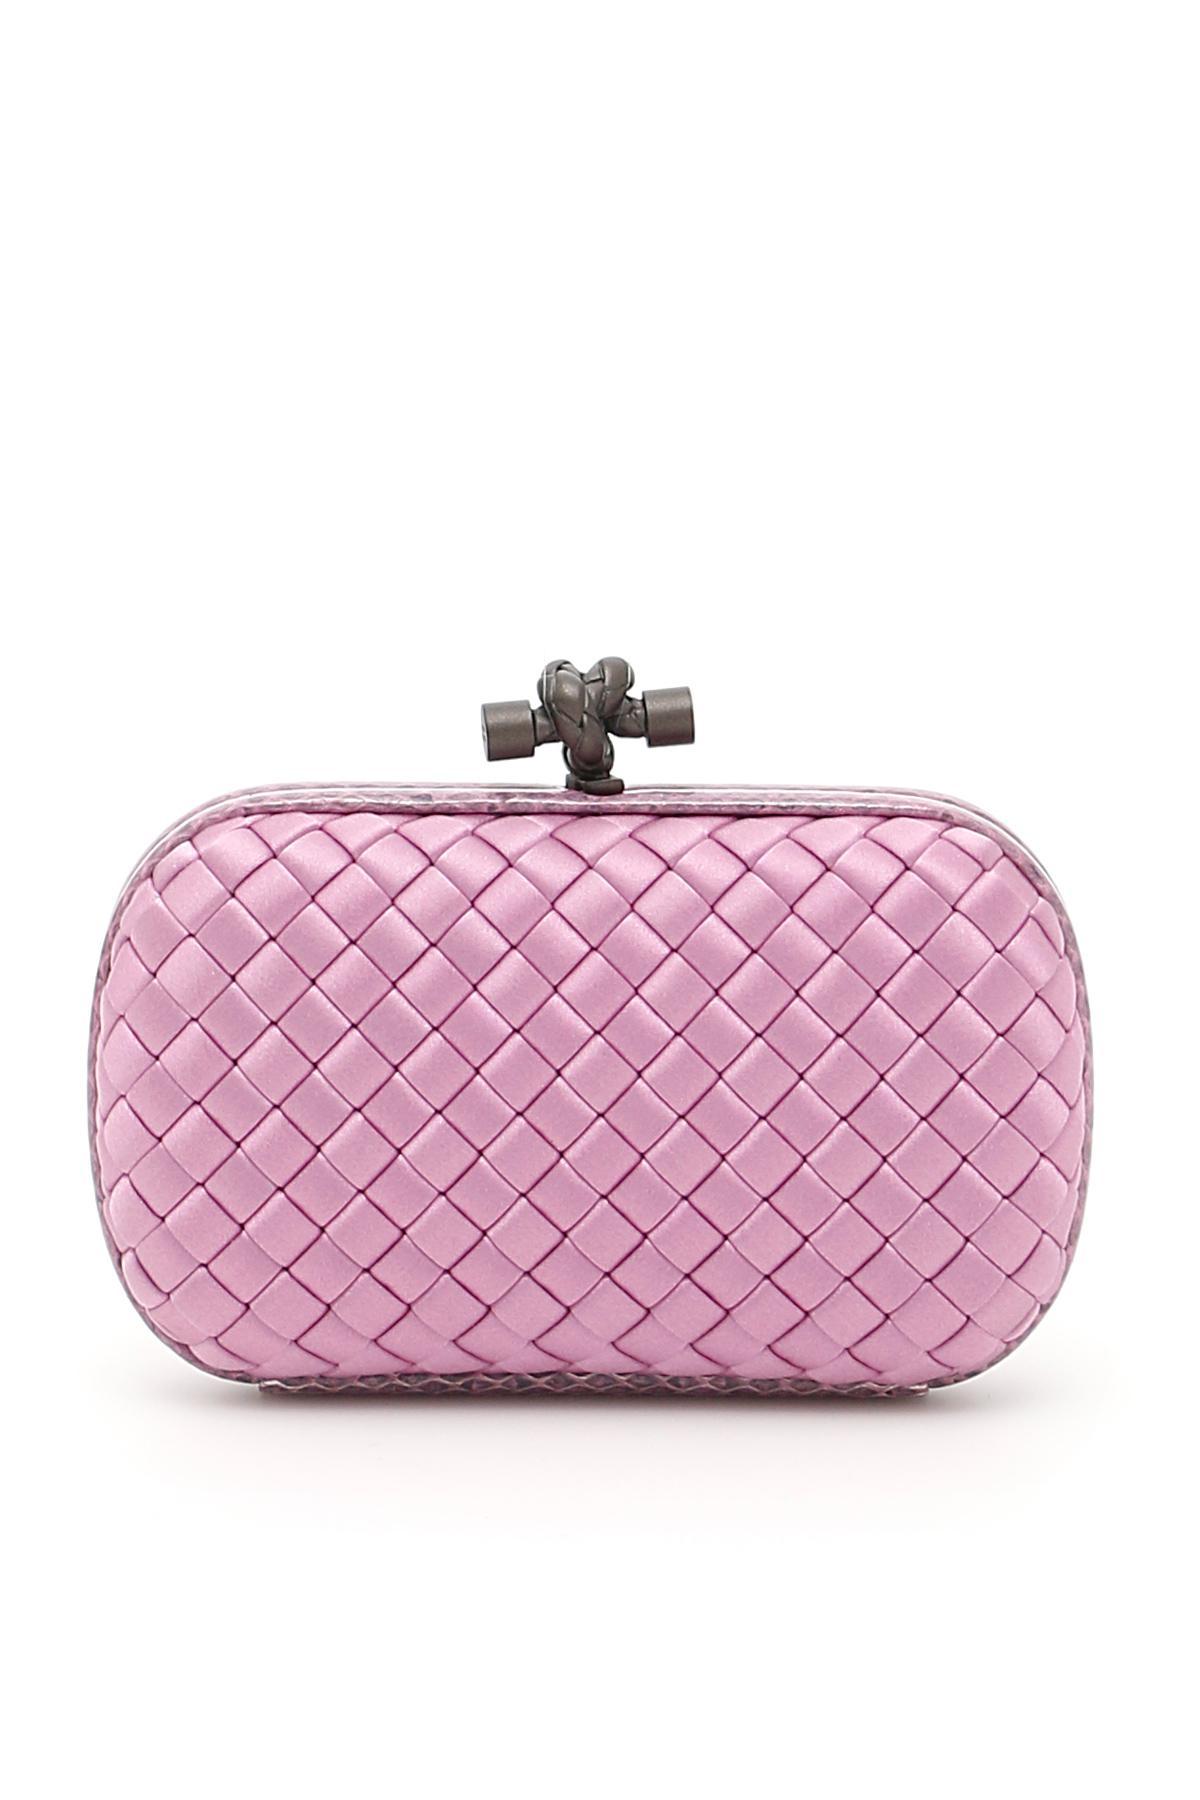 6dd95169e6 Bottega Veneta Knot Clutch in Pink - Lyst